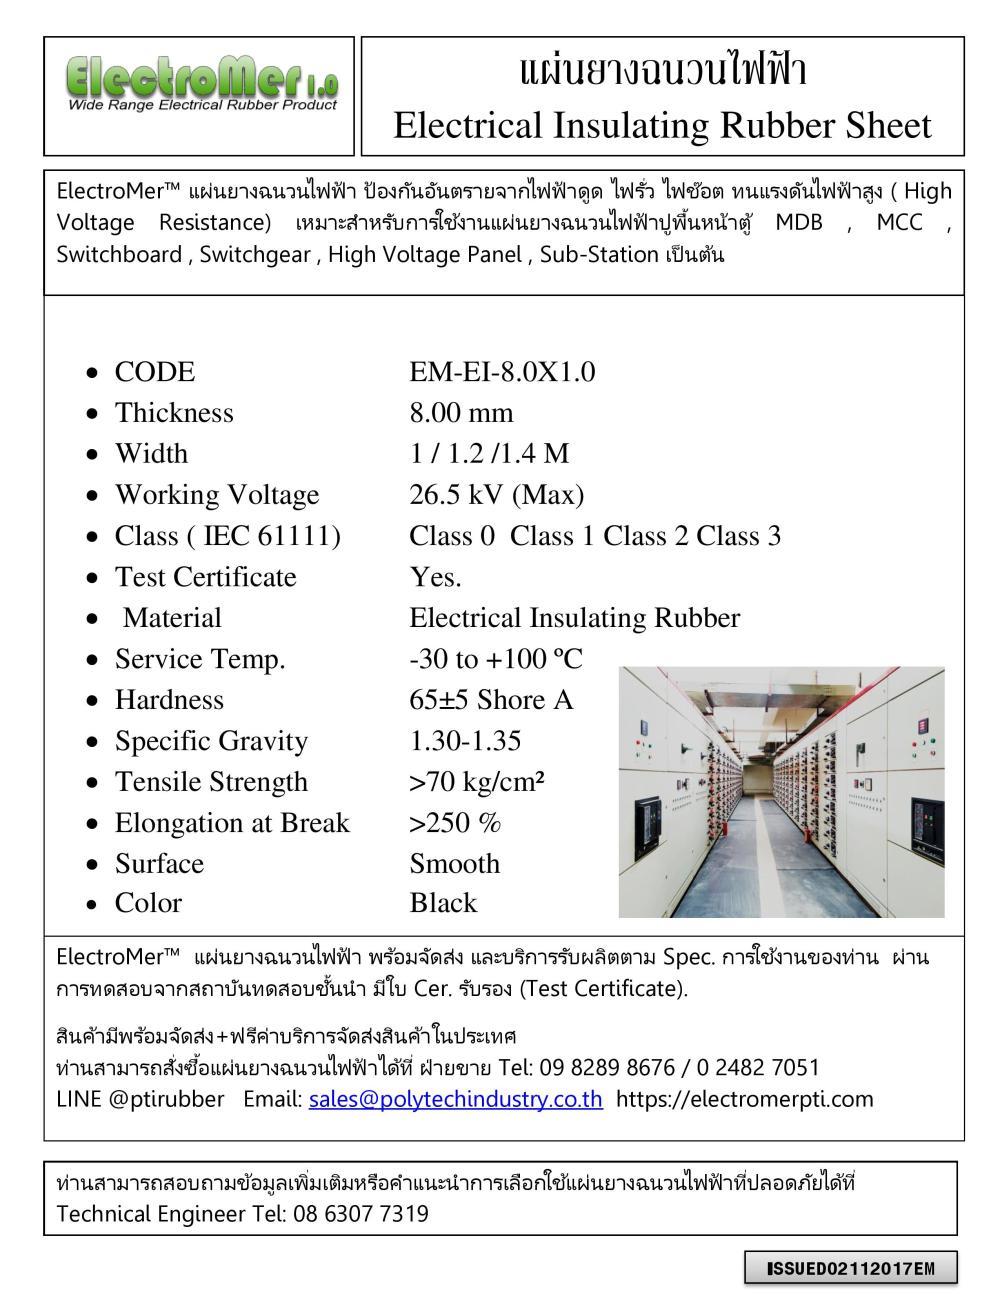 แผ่นยางฉนวนไฟฟ้า 8 mm High Voltage Resistance 26.5 kV.jpg